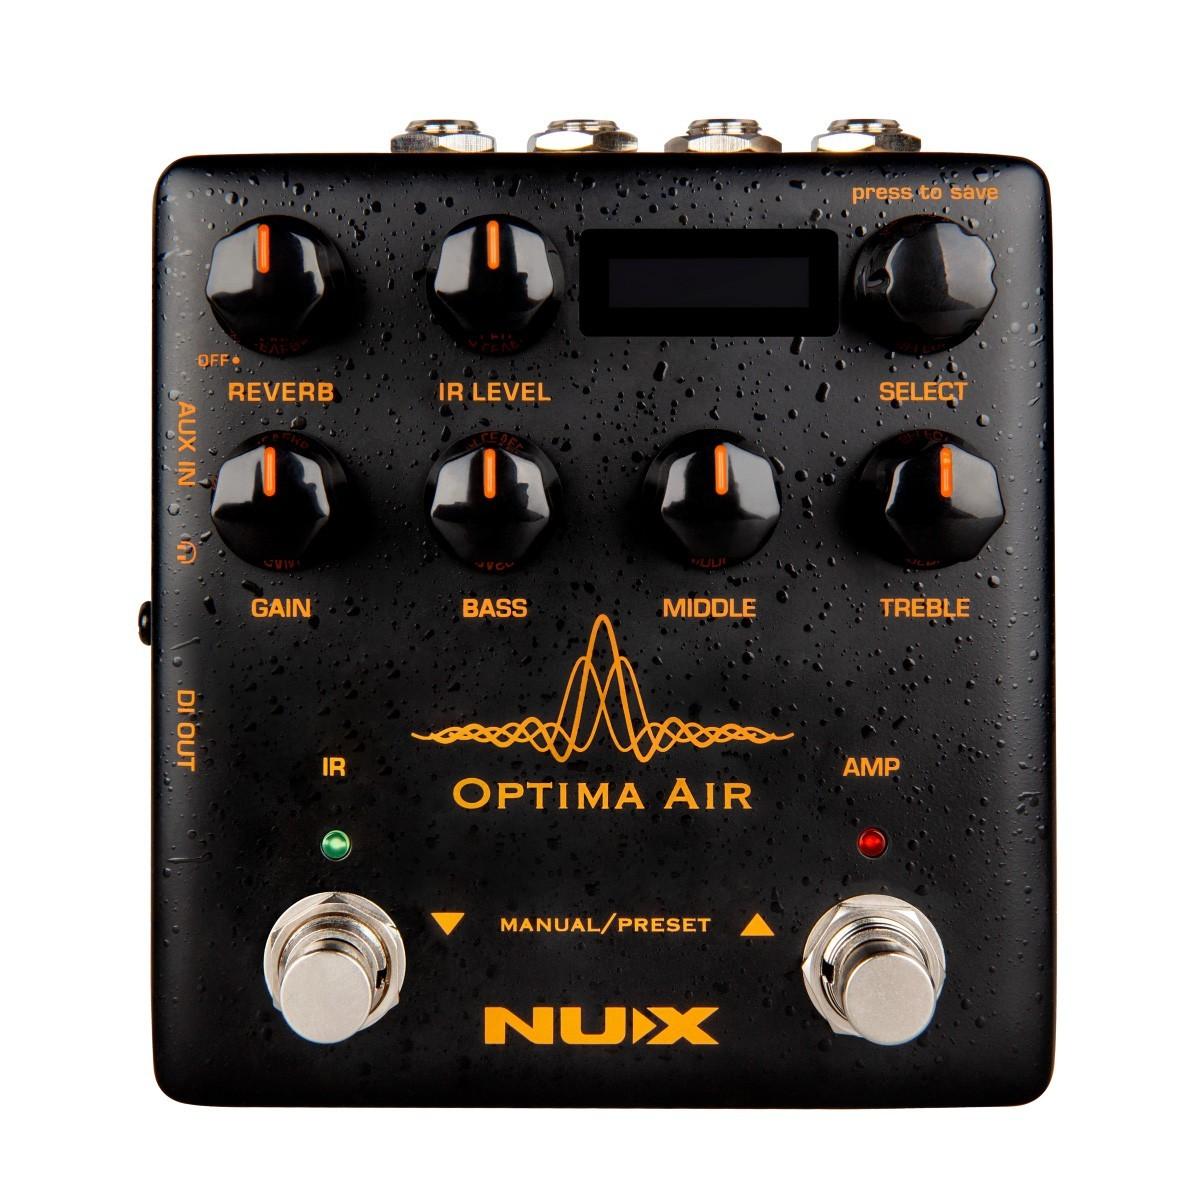 NUX NAI-5 OPTIMA AIR ACOUSTIC SIMULATOR